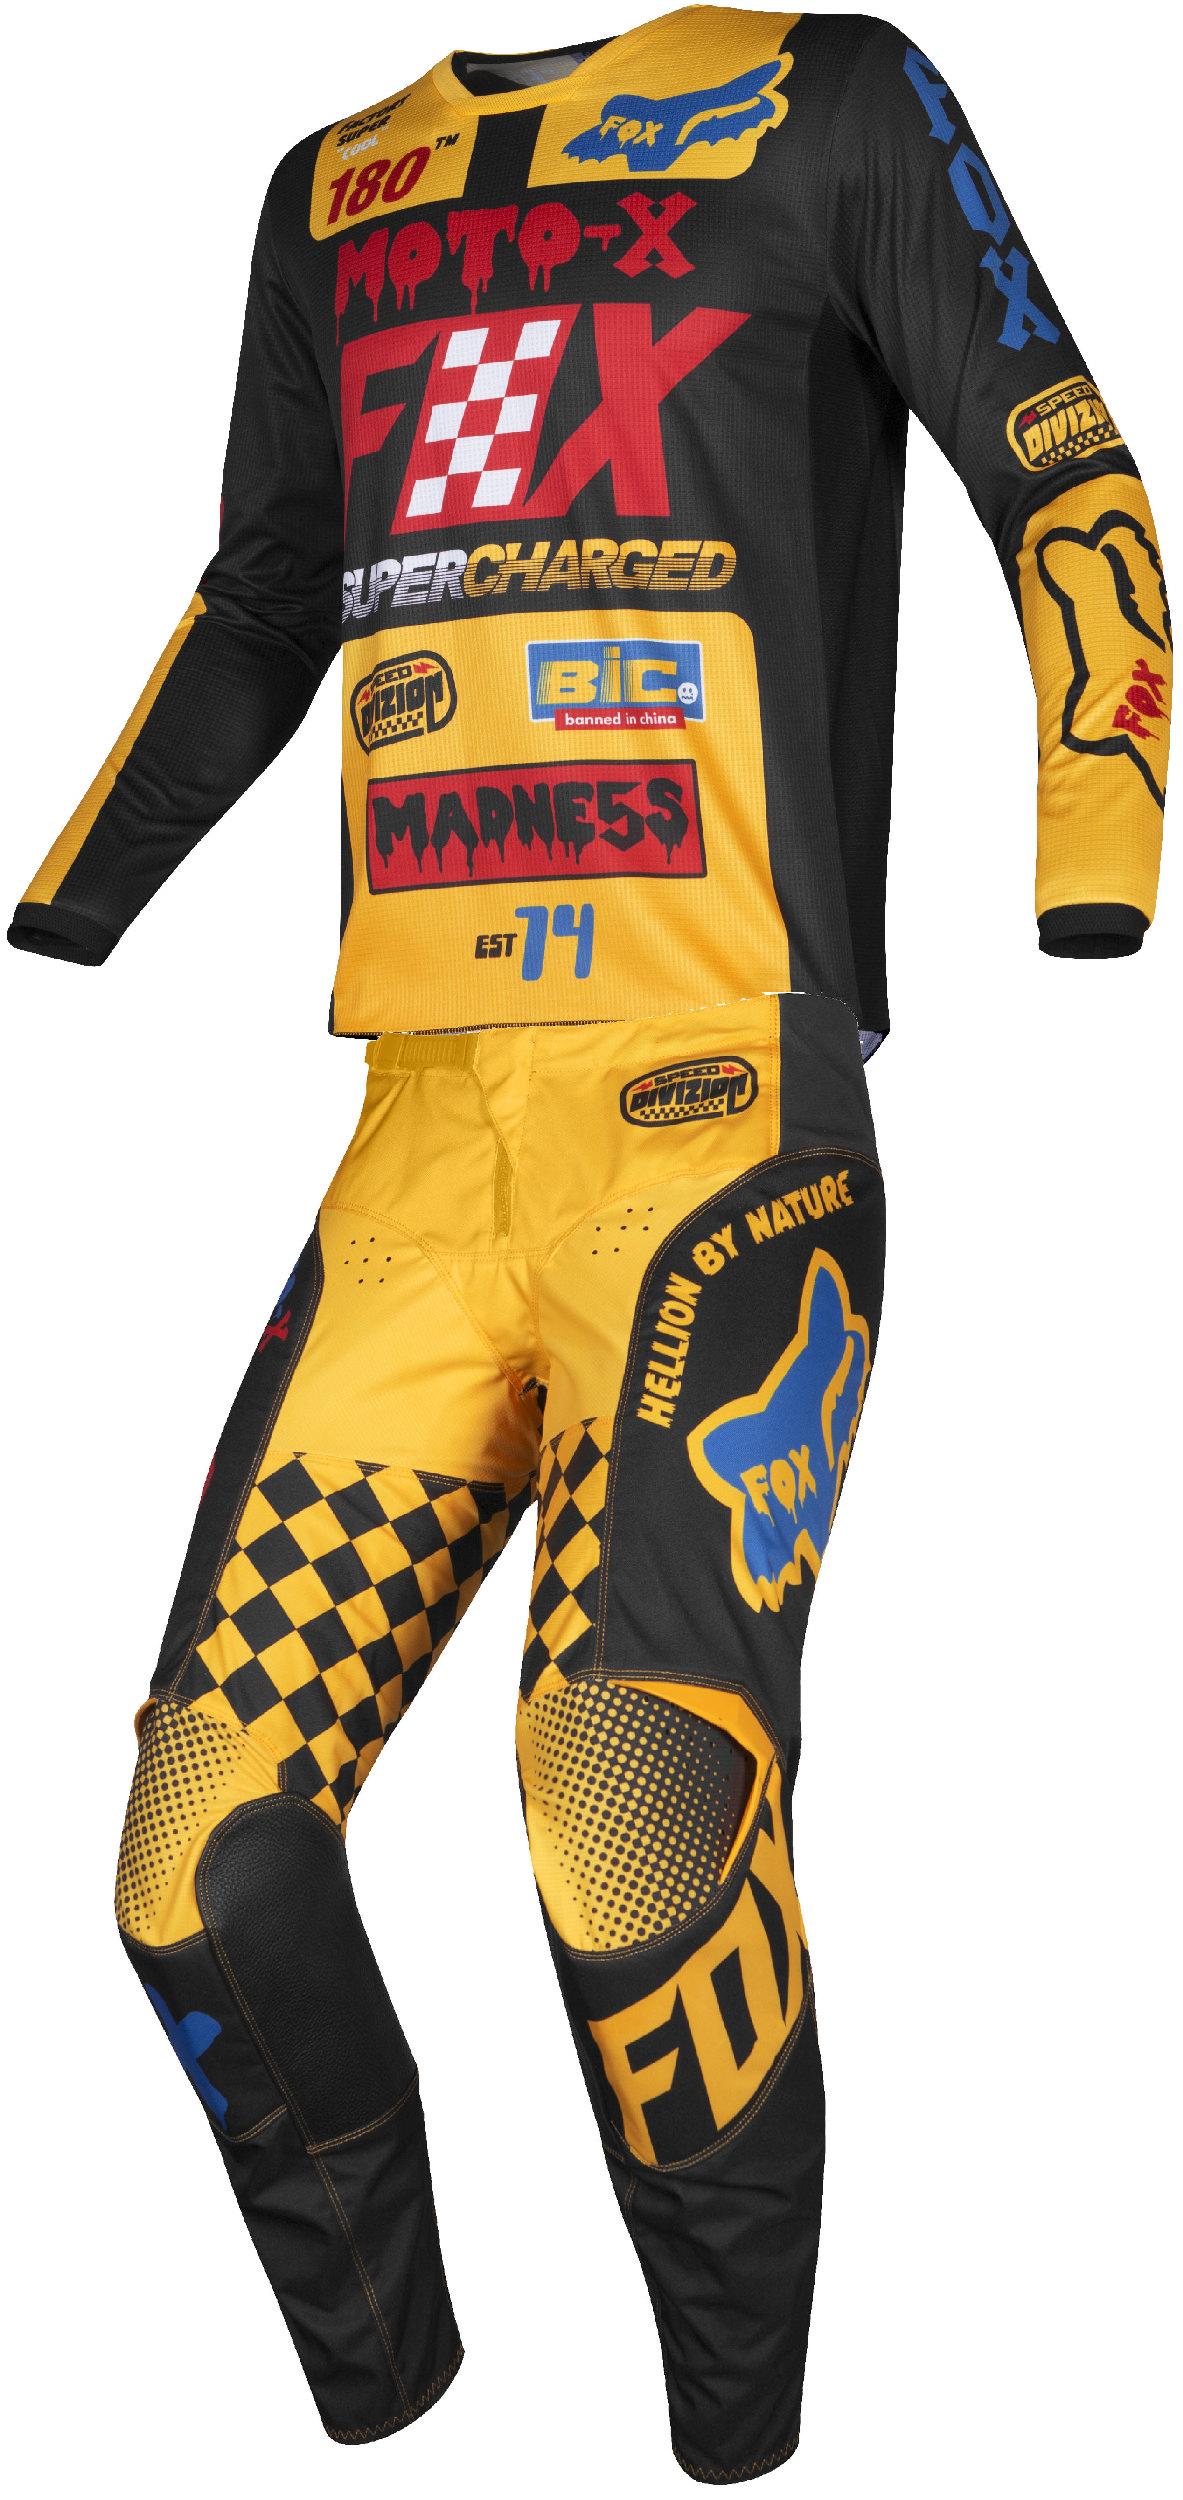 Fox Racing 180 Czar Kids Off-Road Motorcycle Jersey